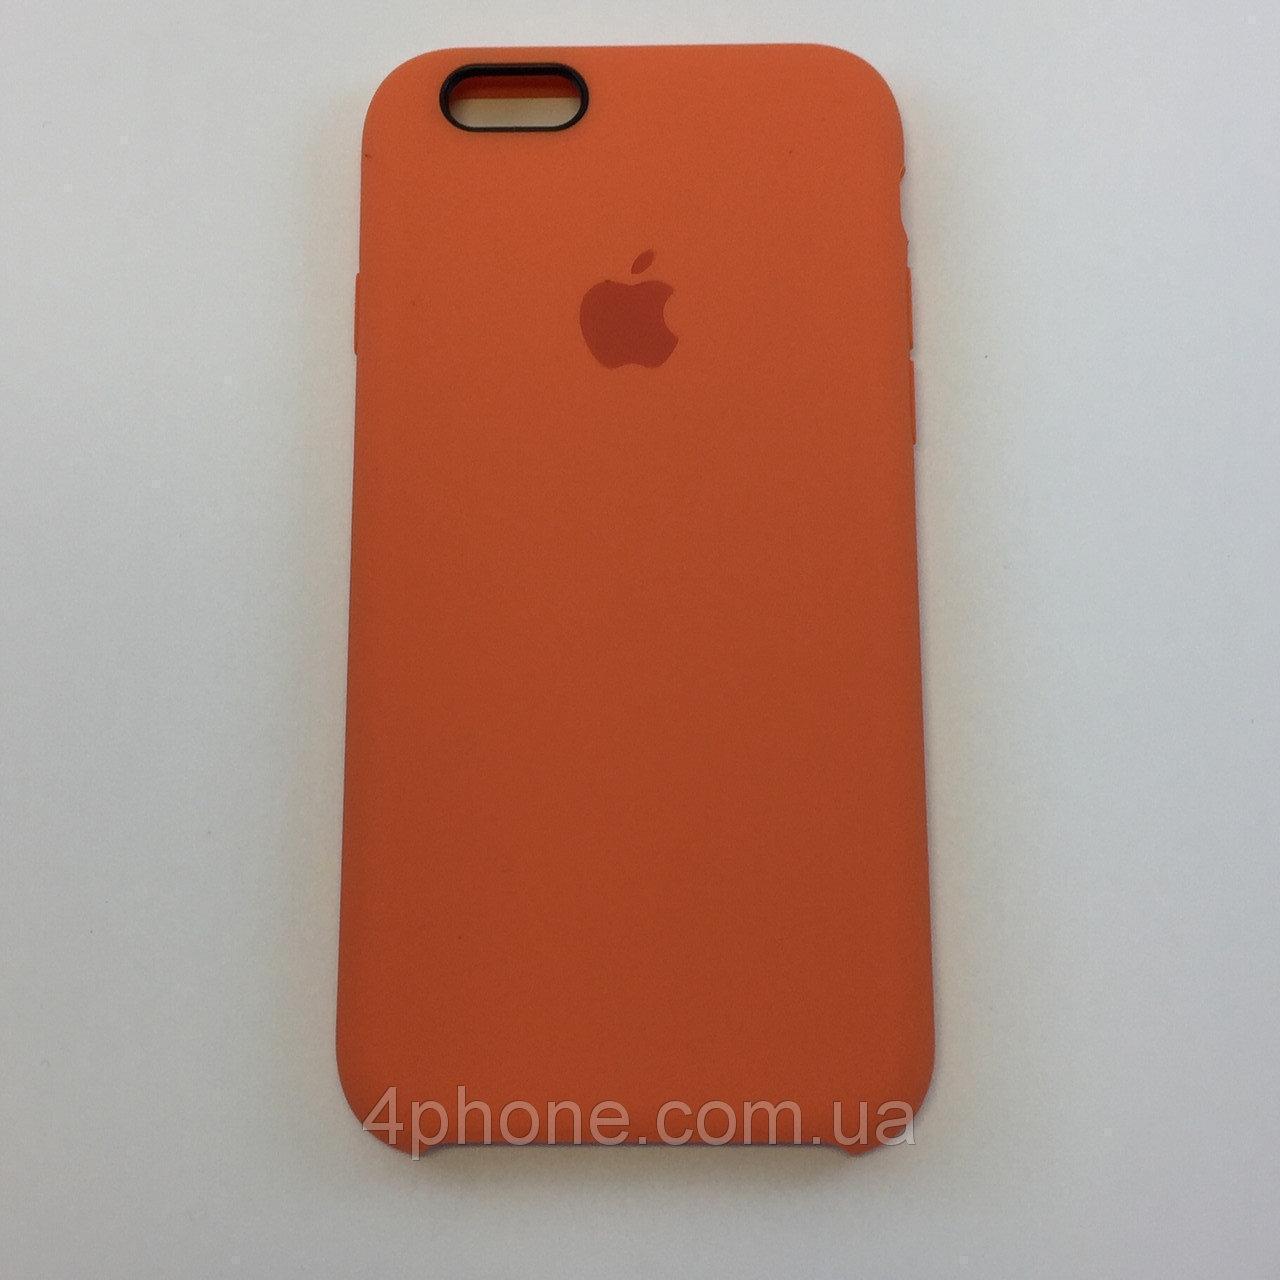 """Чехол Silicon iPhone 6s - """"Абрикос №2"""""""